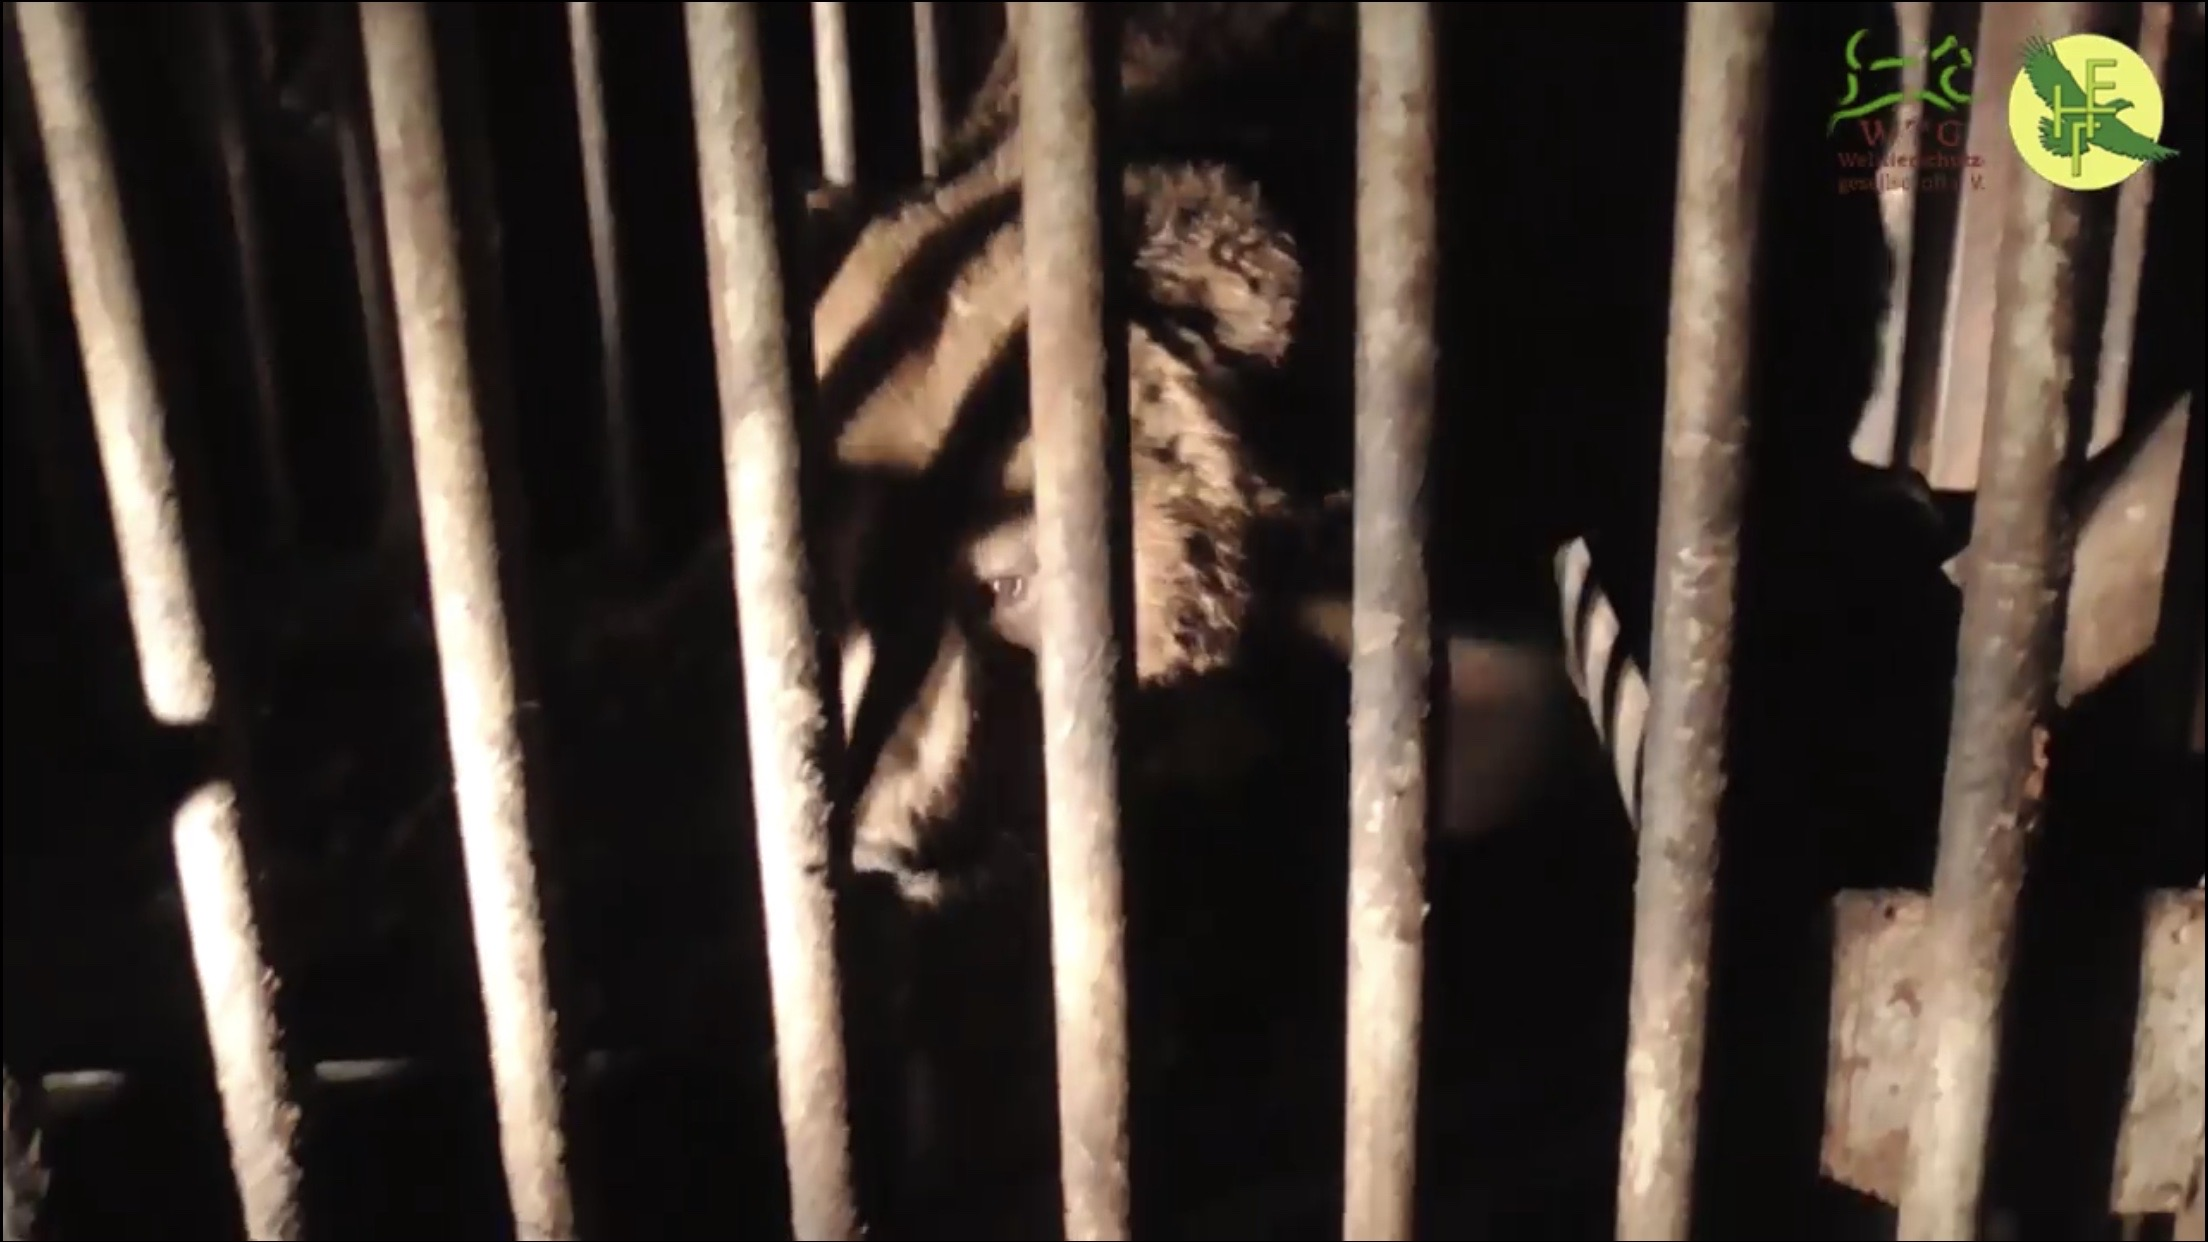 На базі, де виявили плантацію коноплі, у клітці тримали трьох ведмедів (ВІДЕО)